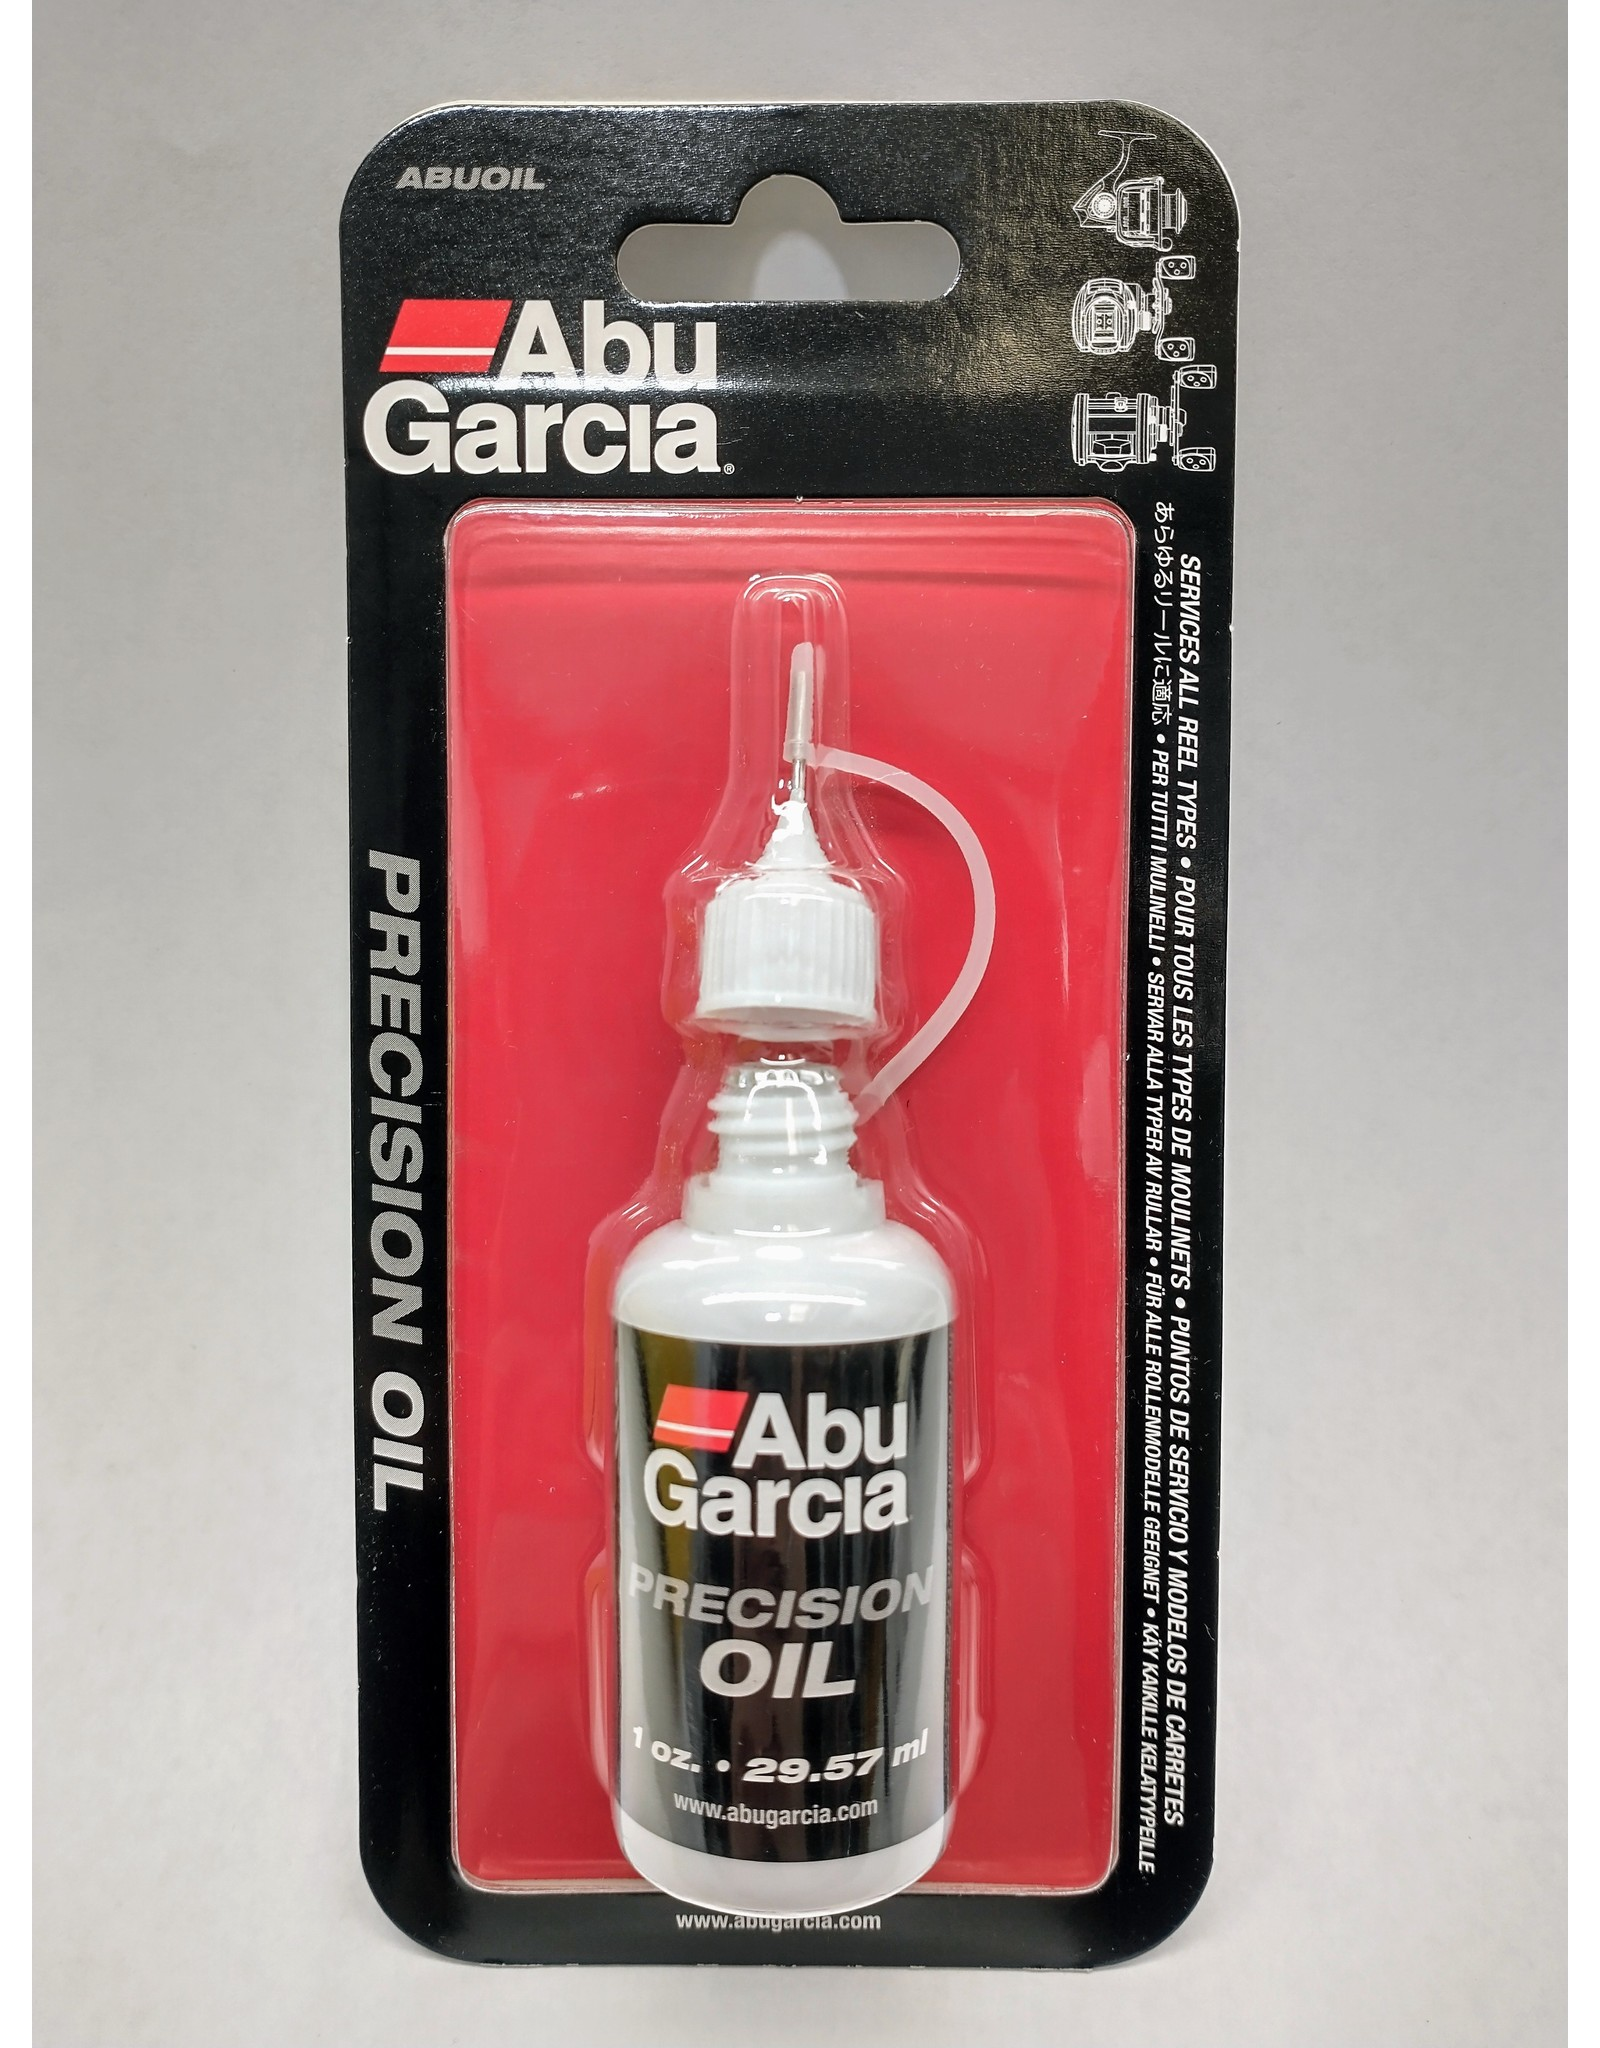 Abu Garcia Abu Garcia Precision Oil